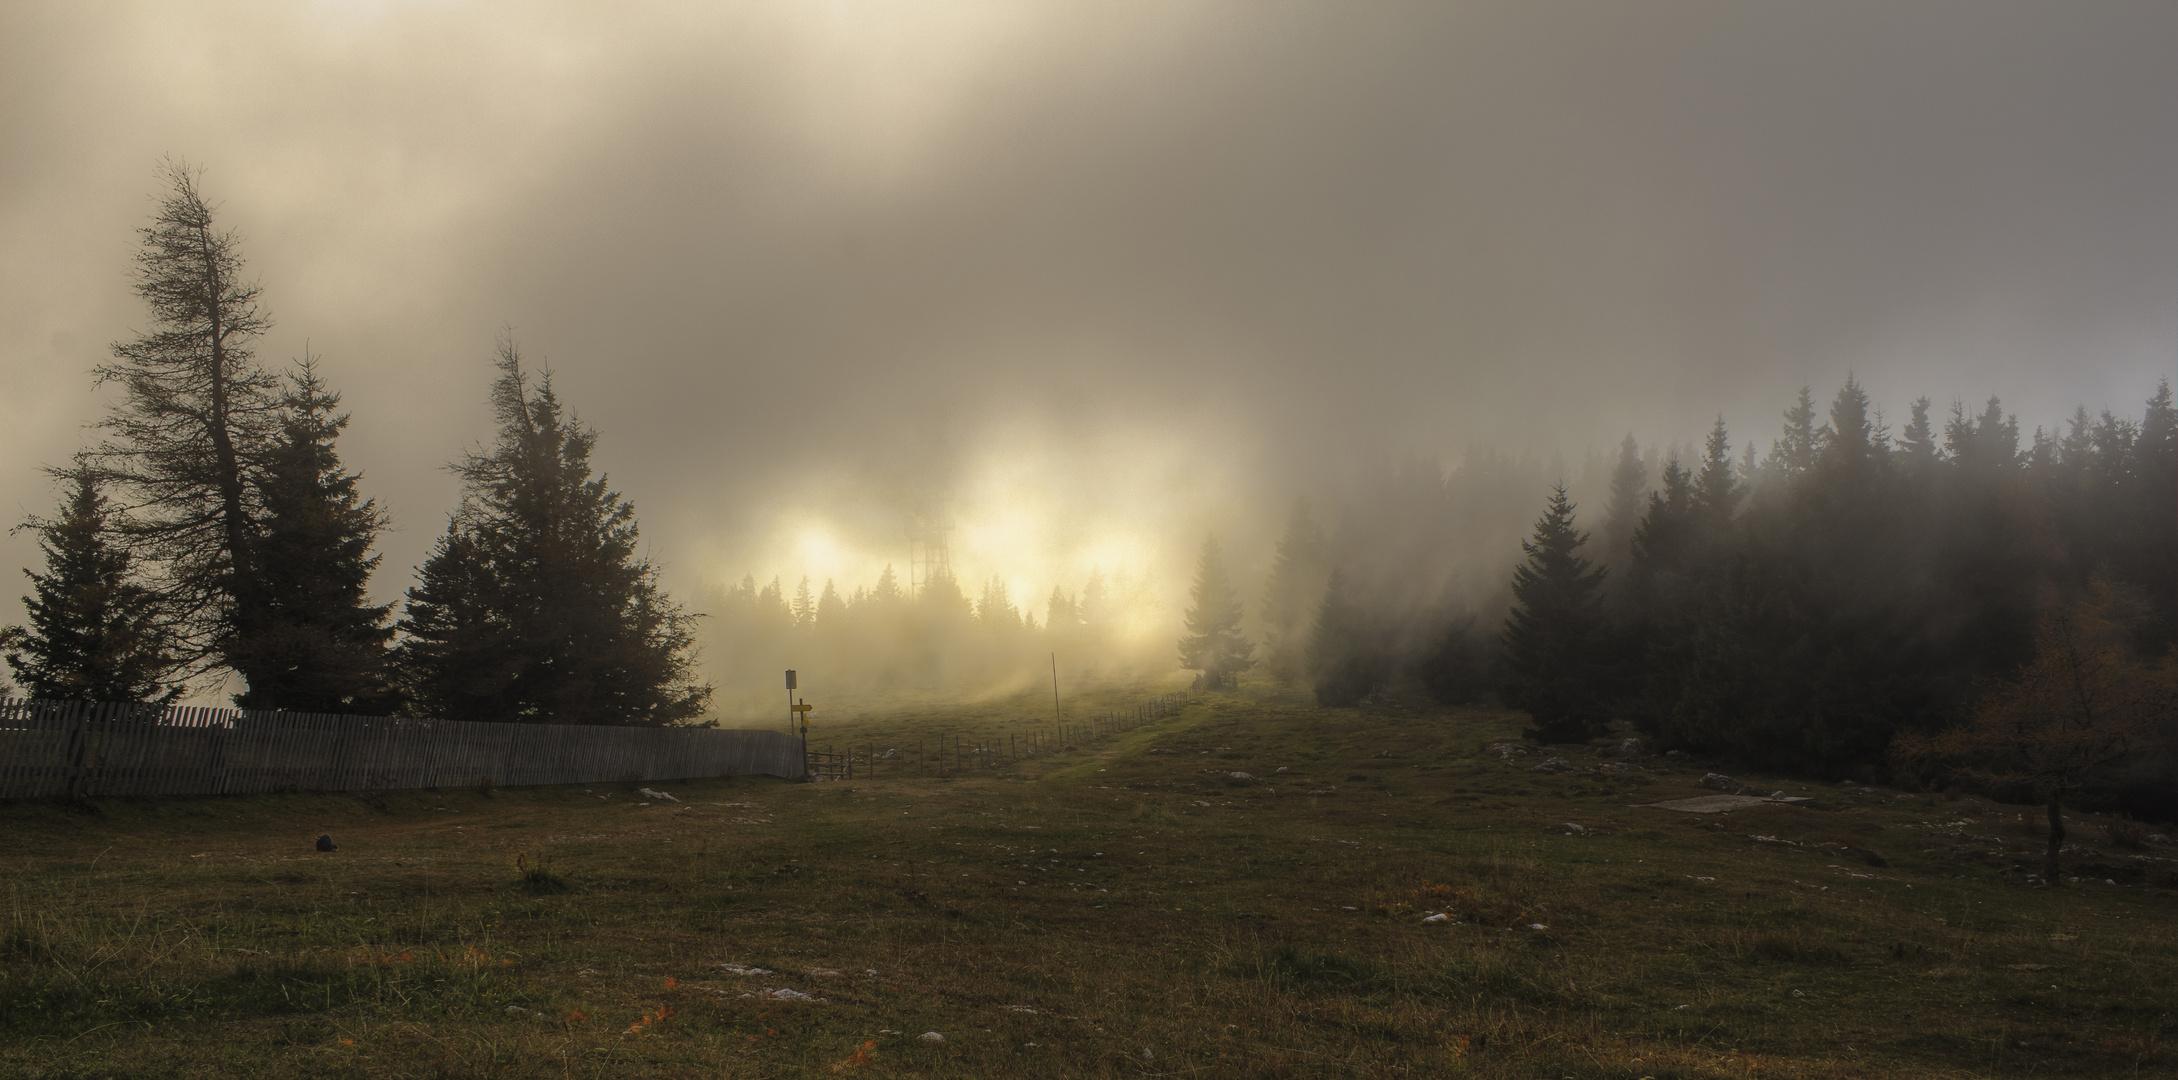 Der Weg zum Gipfel durch den Nebel